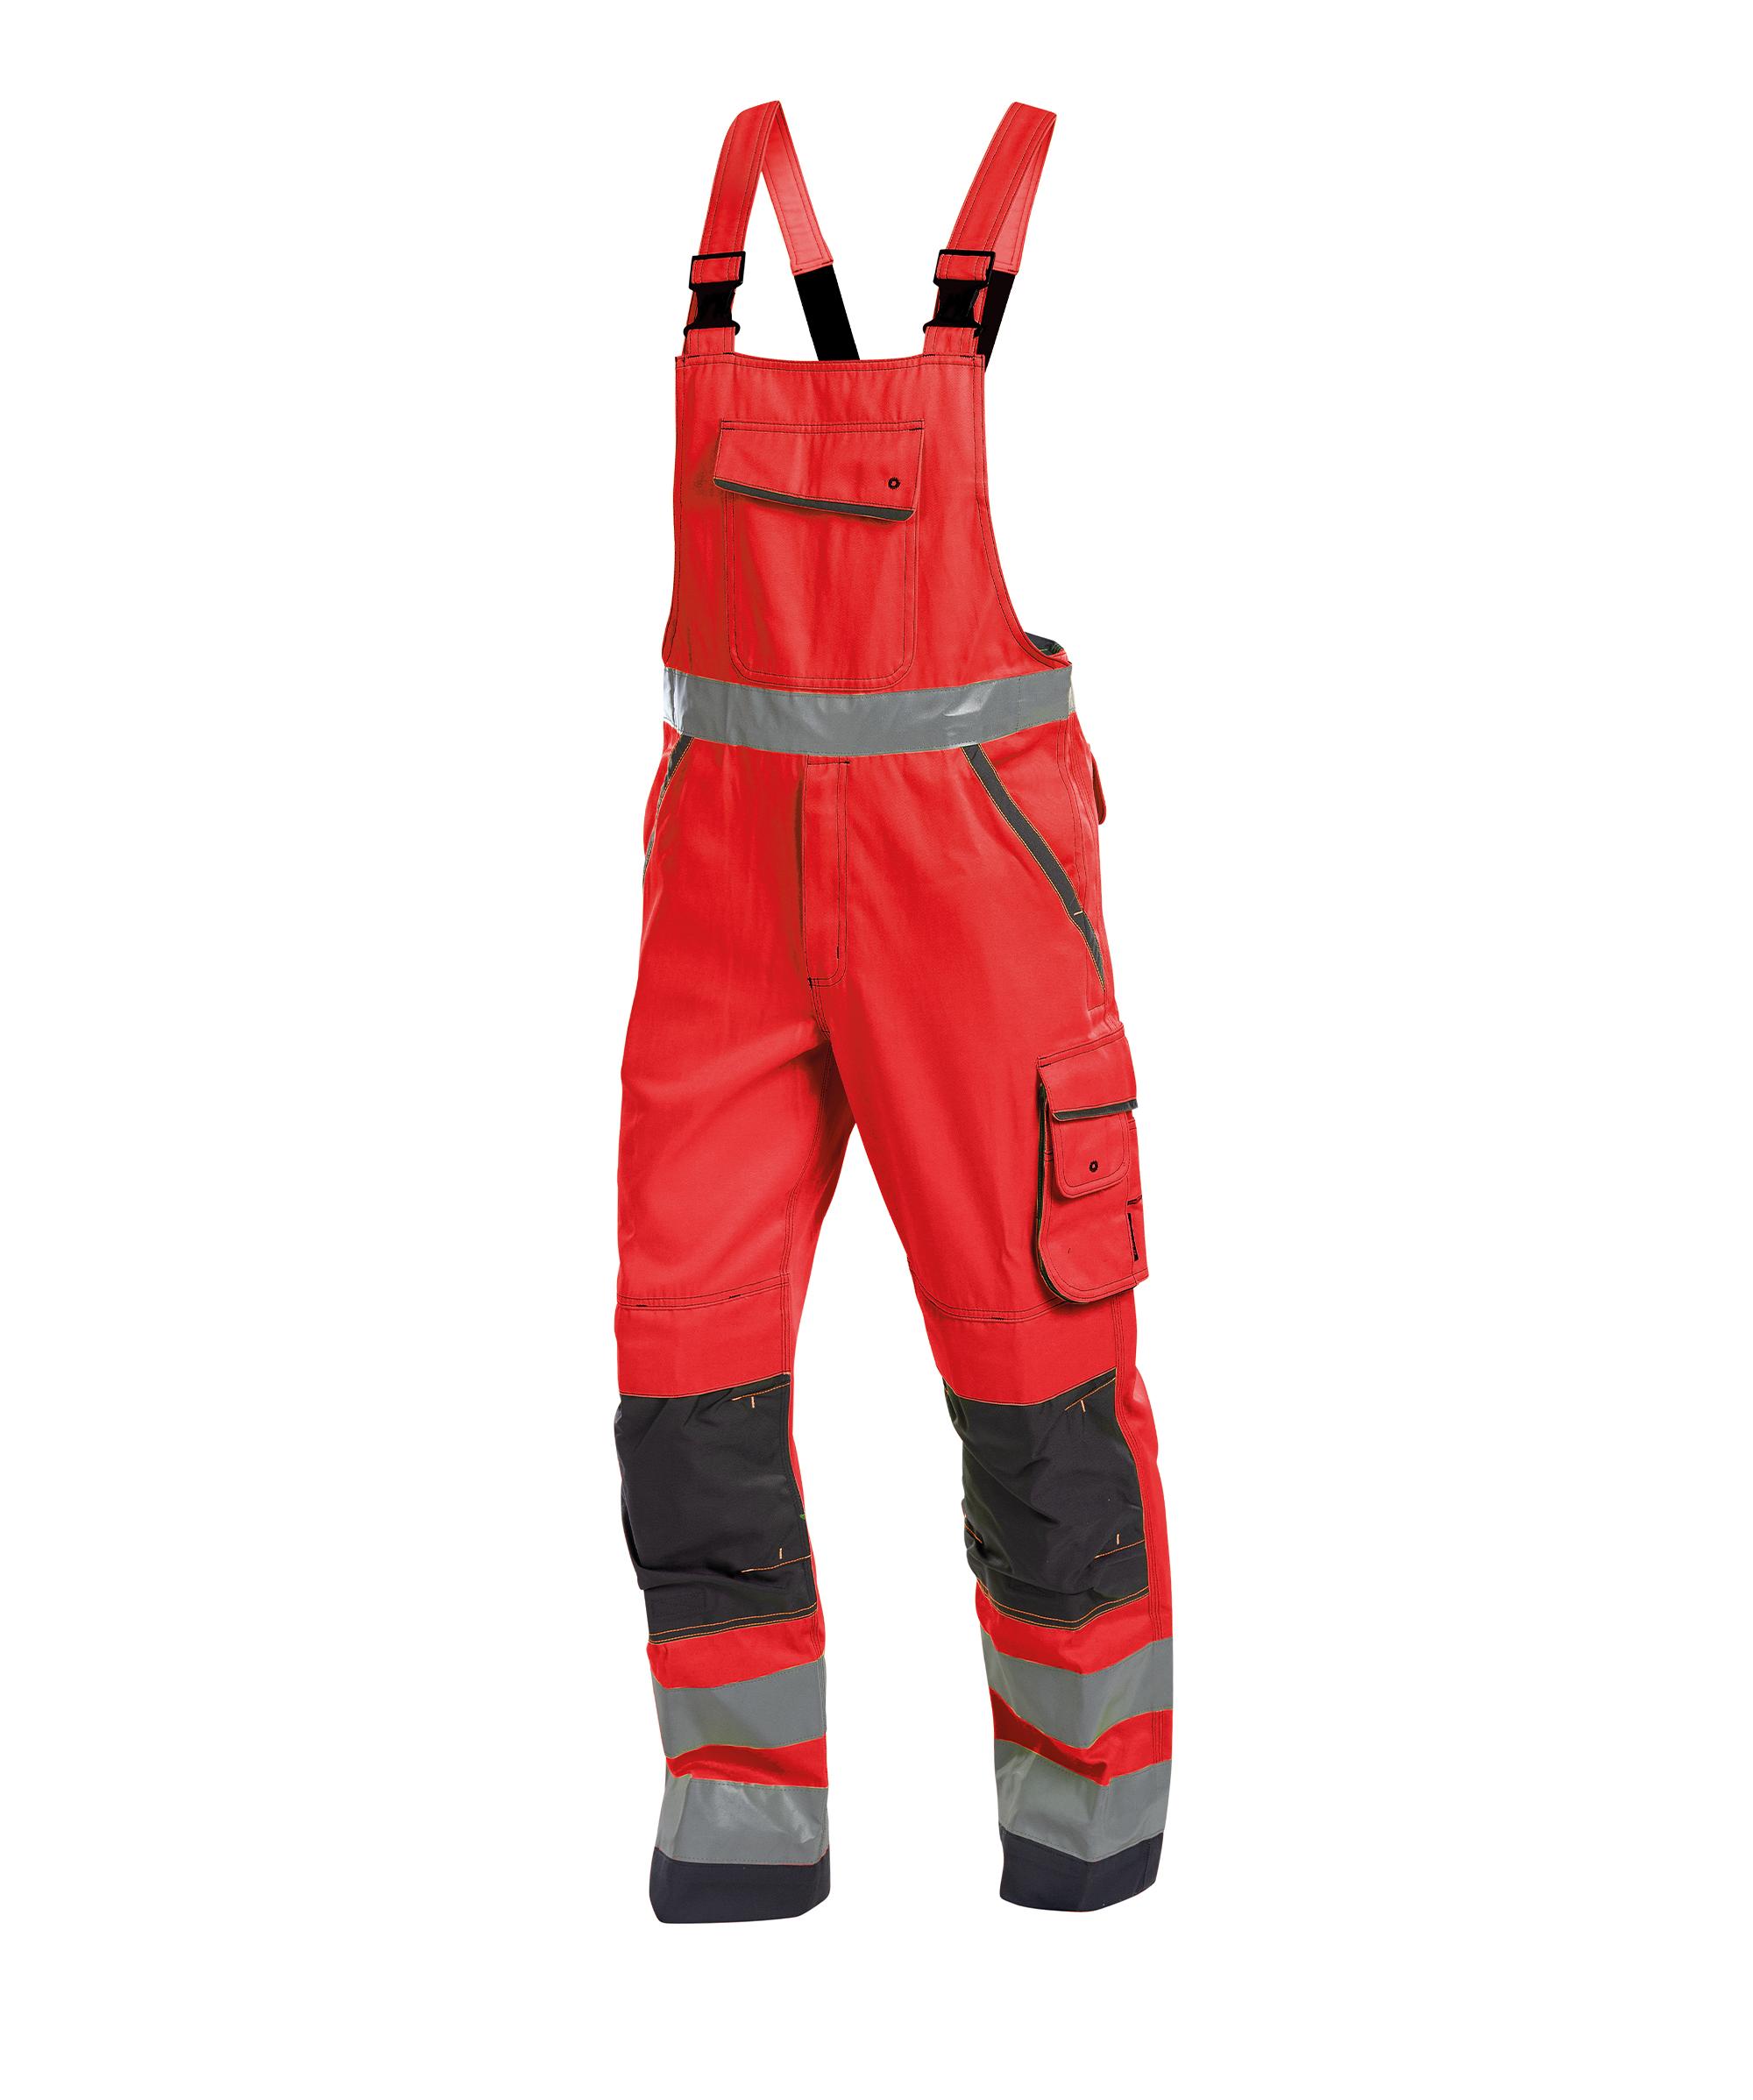 Dassy, Malmedy Warnschutz Latzhose mit Kniepolstertaschen 400156